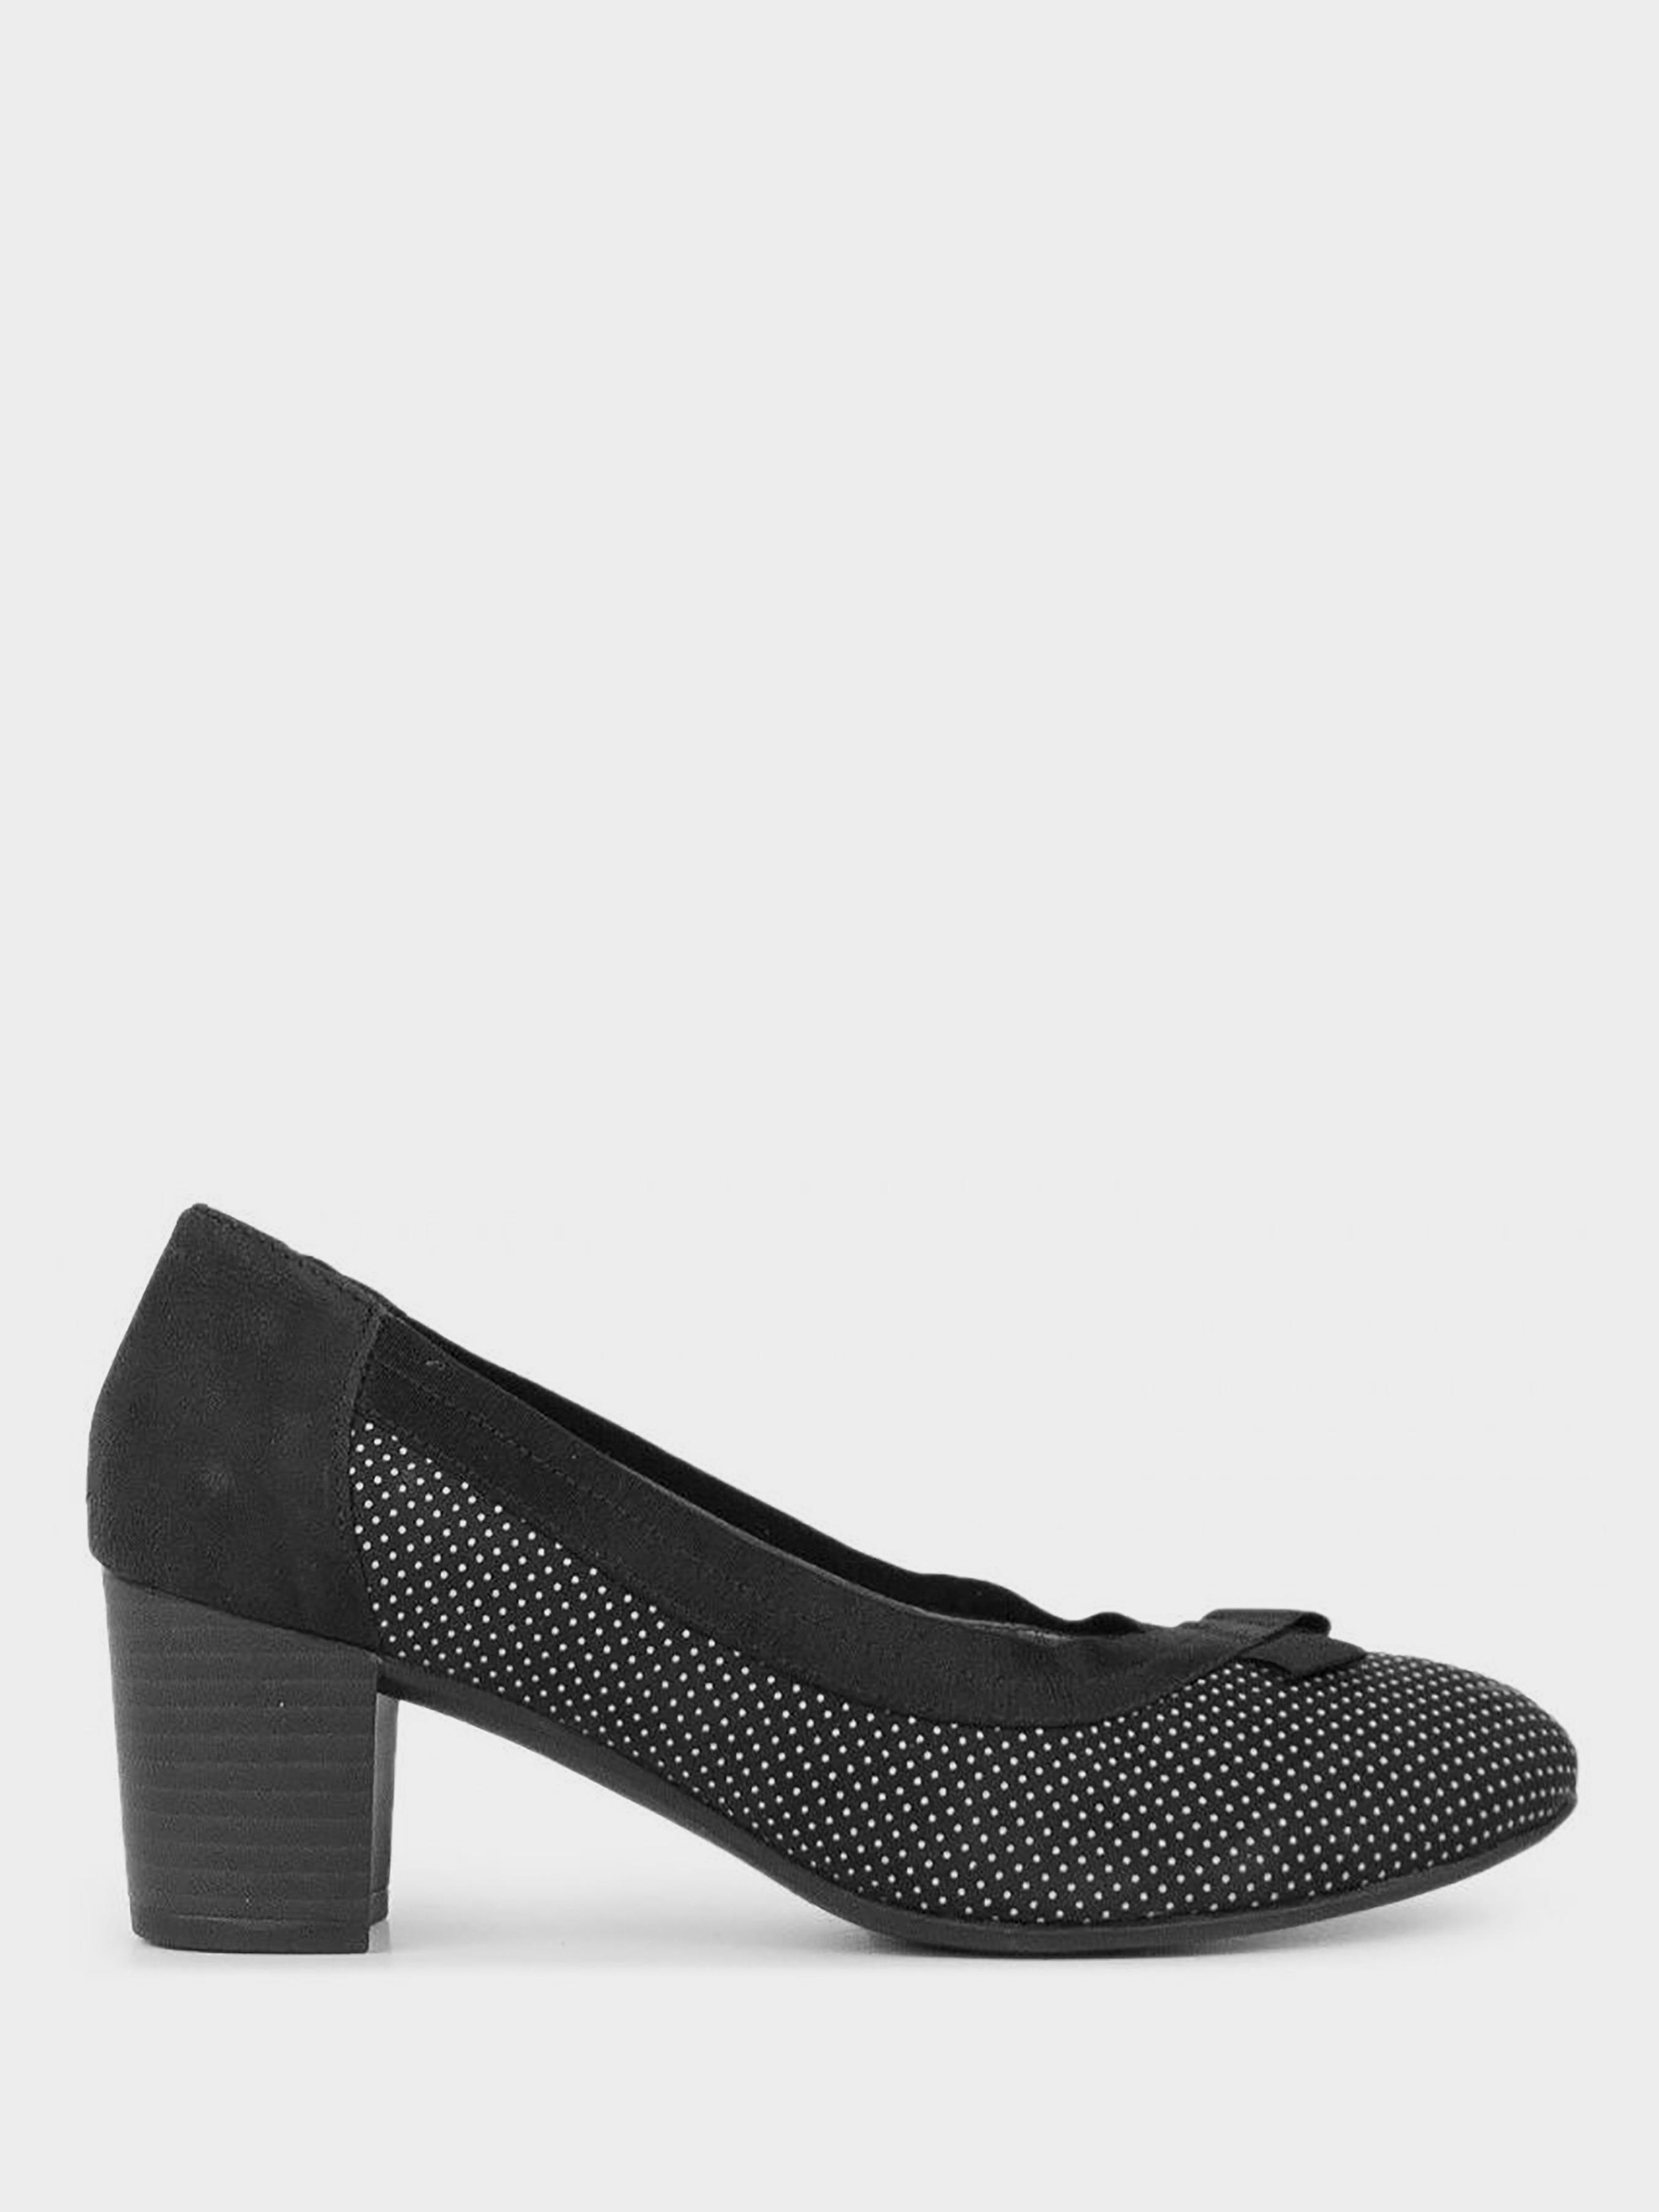 Туфли женские Remonte туфлі жін. (36-42) RD25 Заказать, 2017